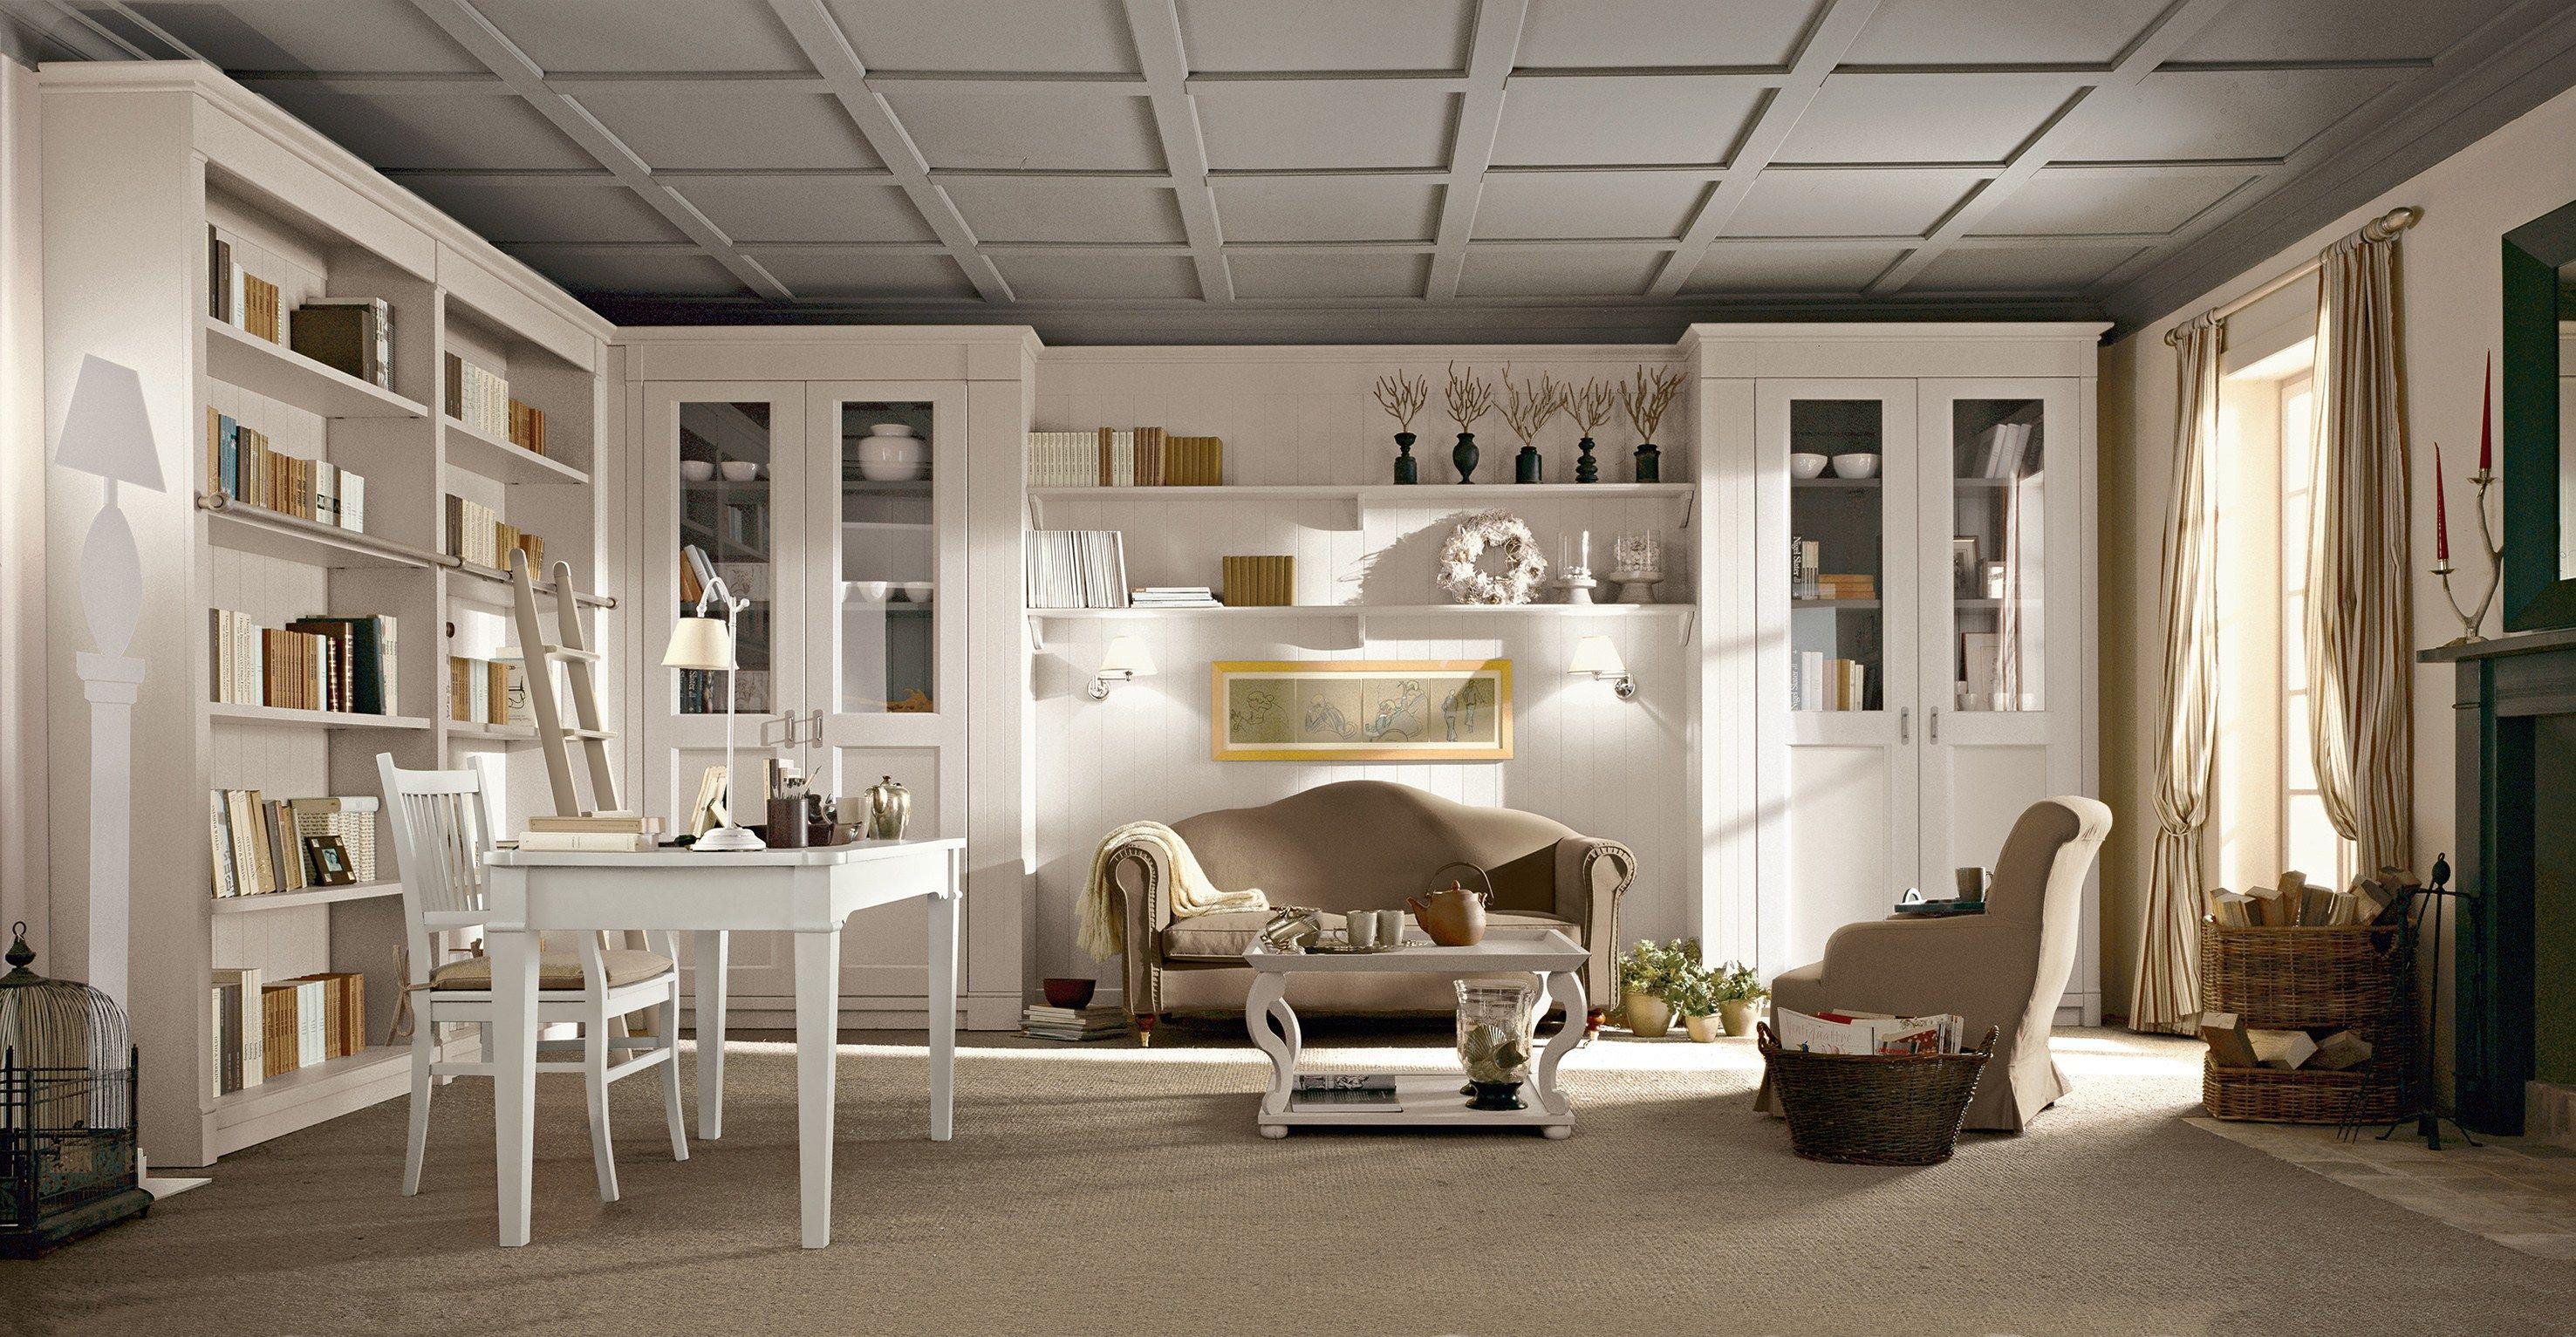 Beautiful Minacciolo English Mood Ideas - Amazing House Design ...